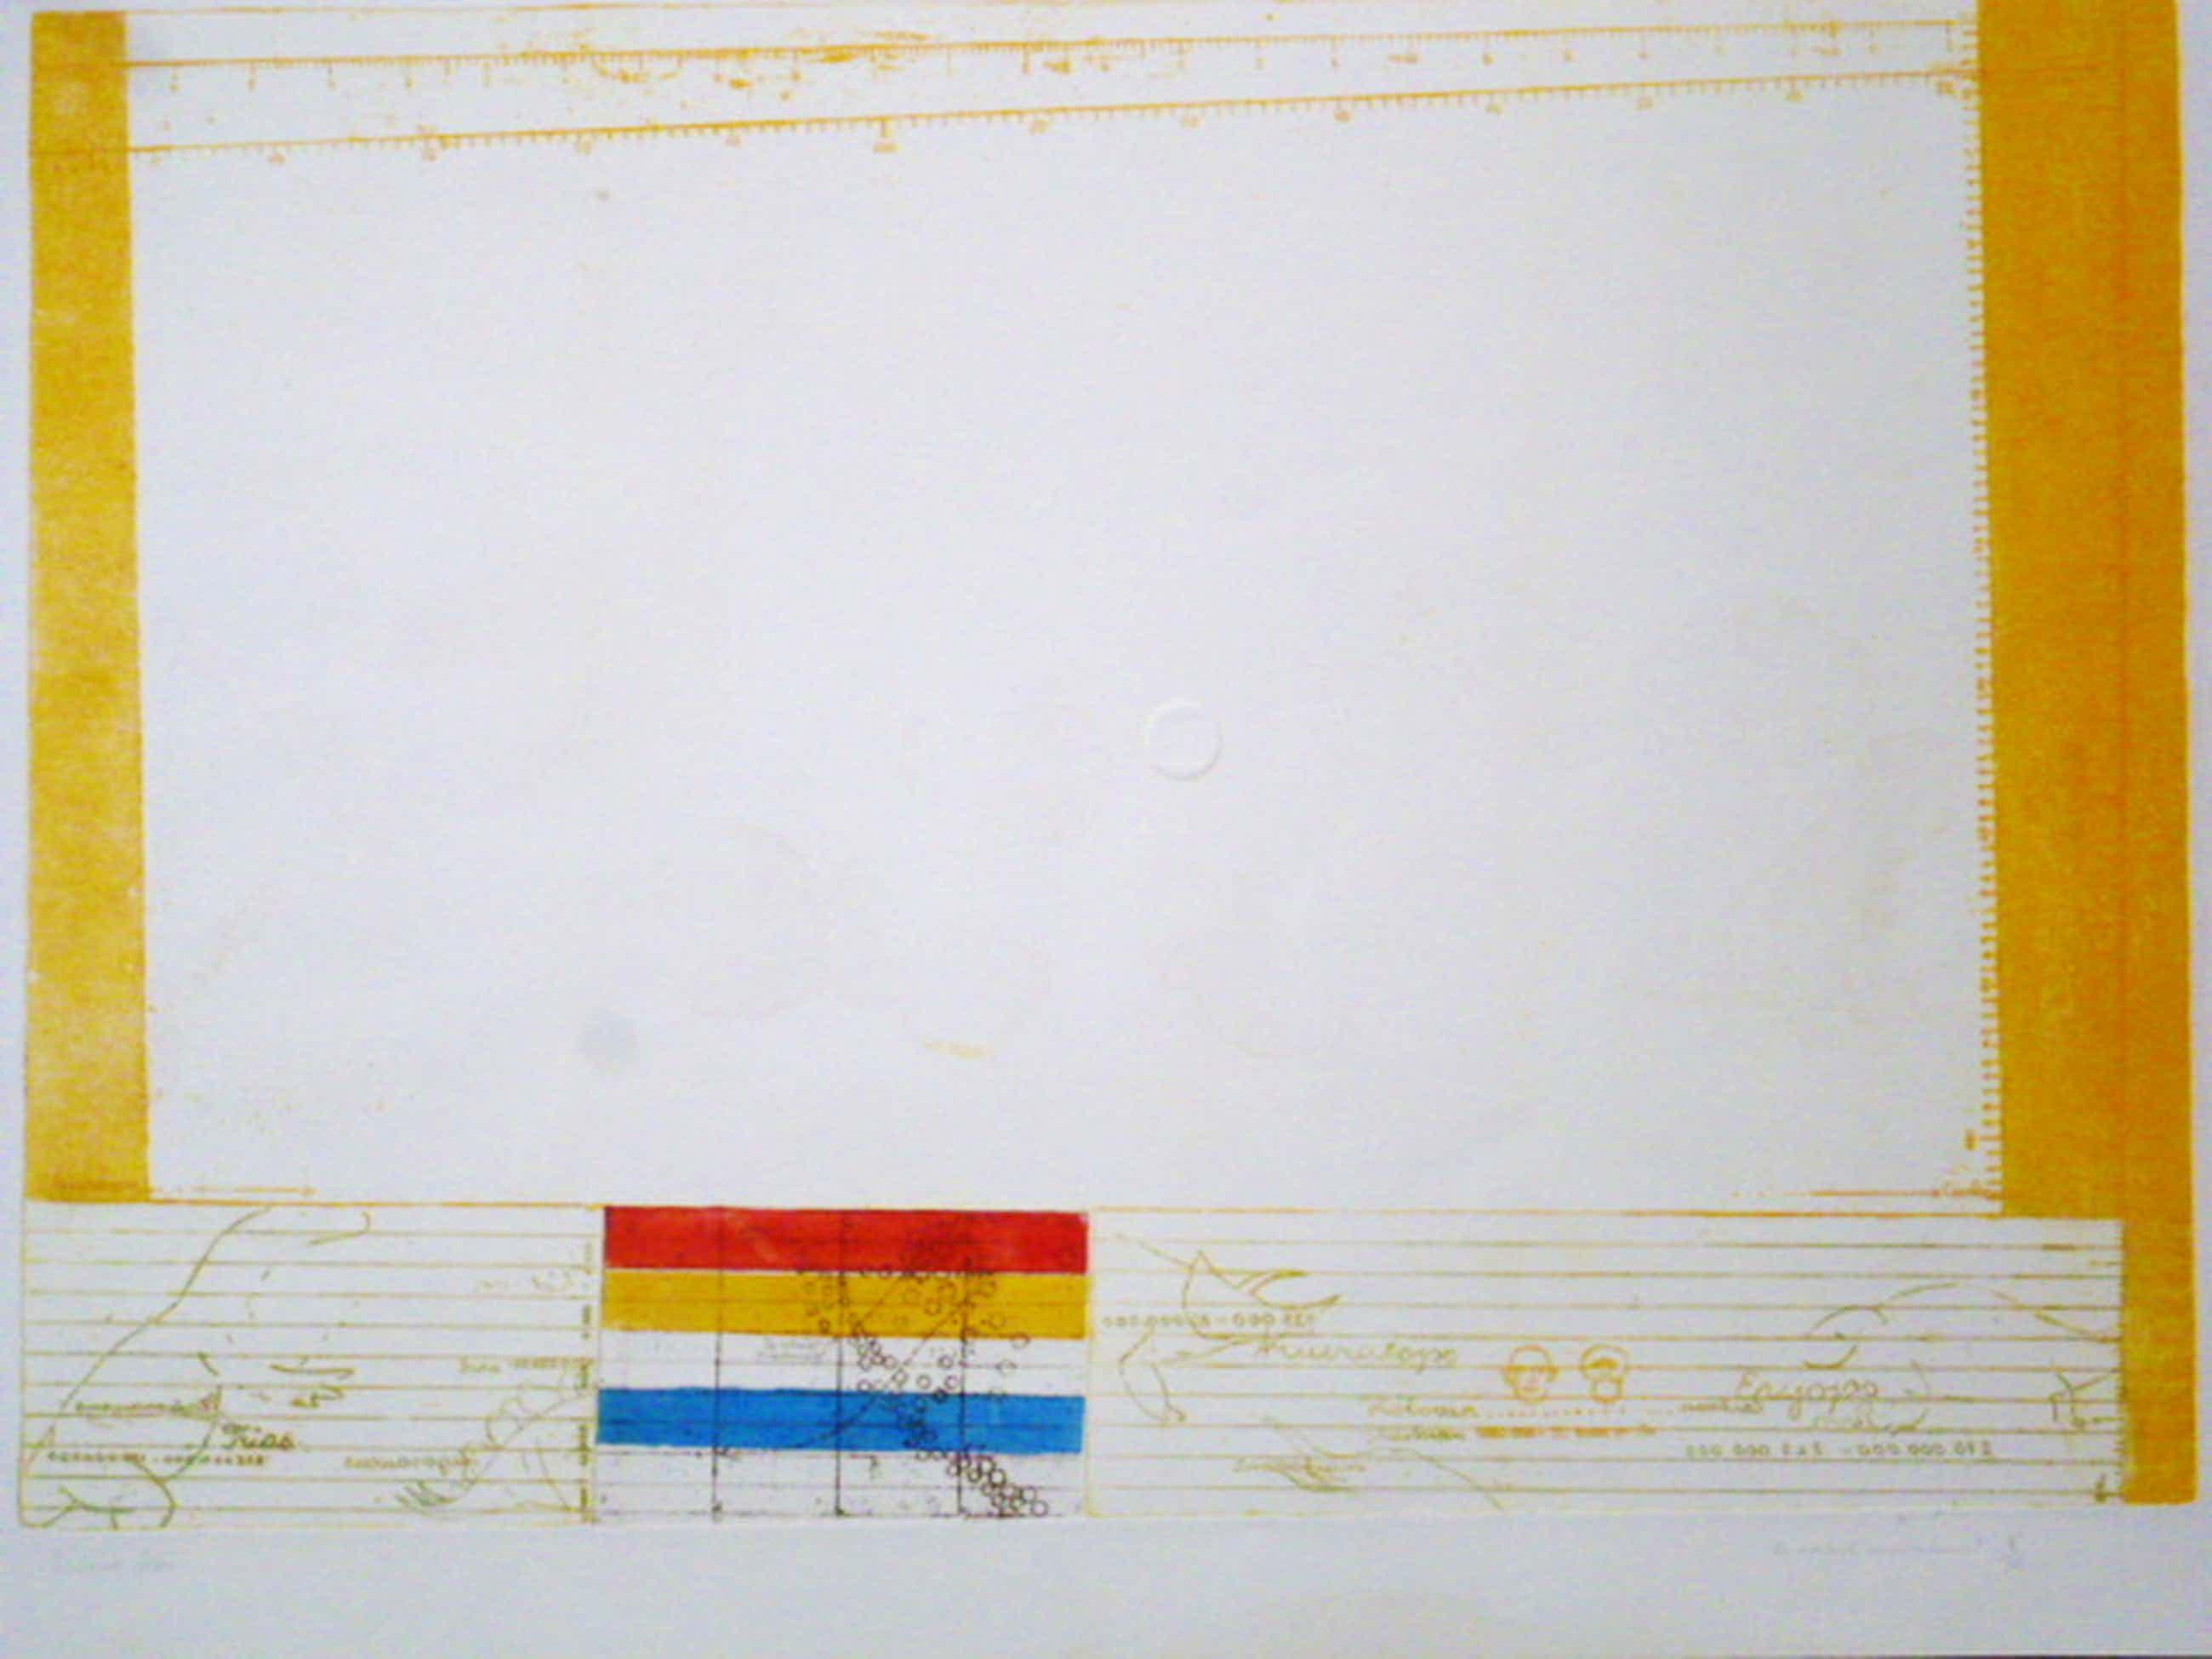 Eduard Flor - kleurenets - Le soleil maintenant kopen? Bied vanaf 35!